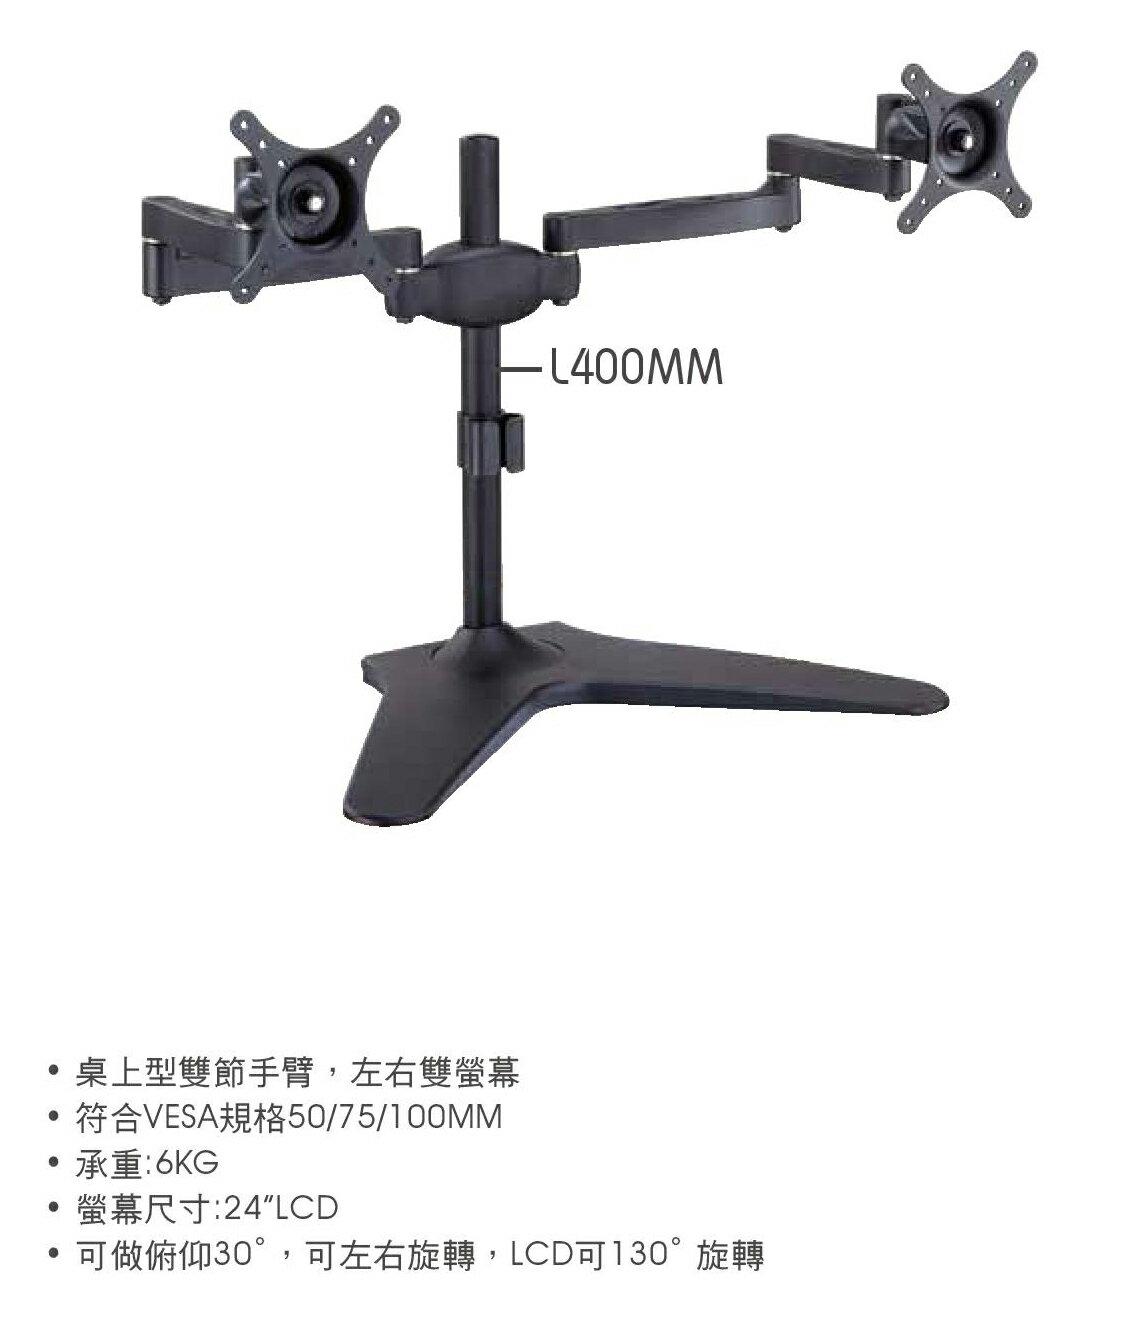 AviewS-LCD-A25/桌上型液晶架/台灣製造 1